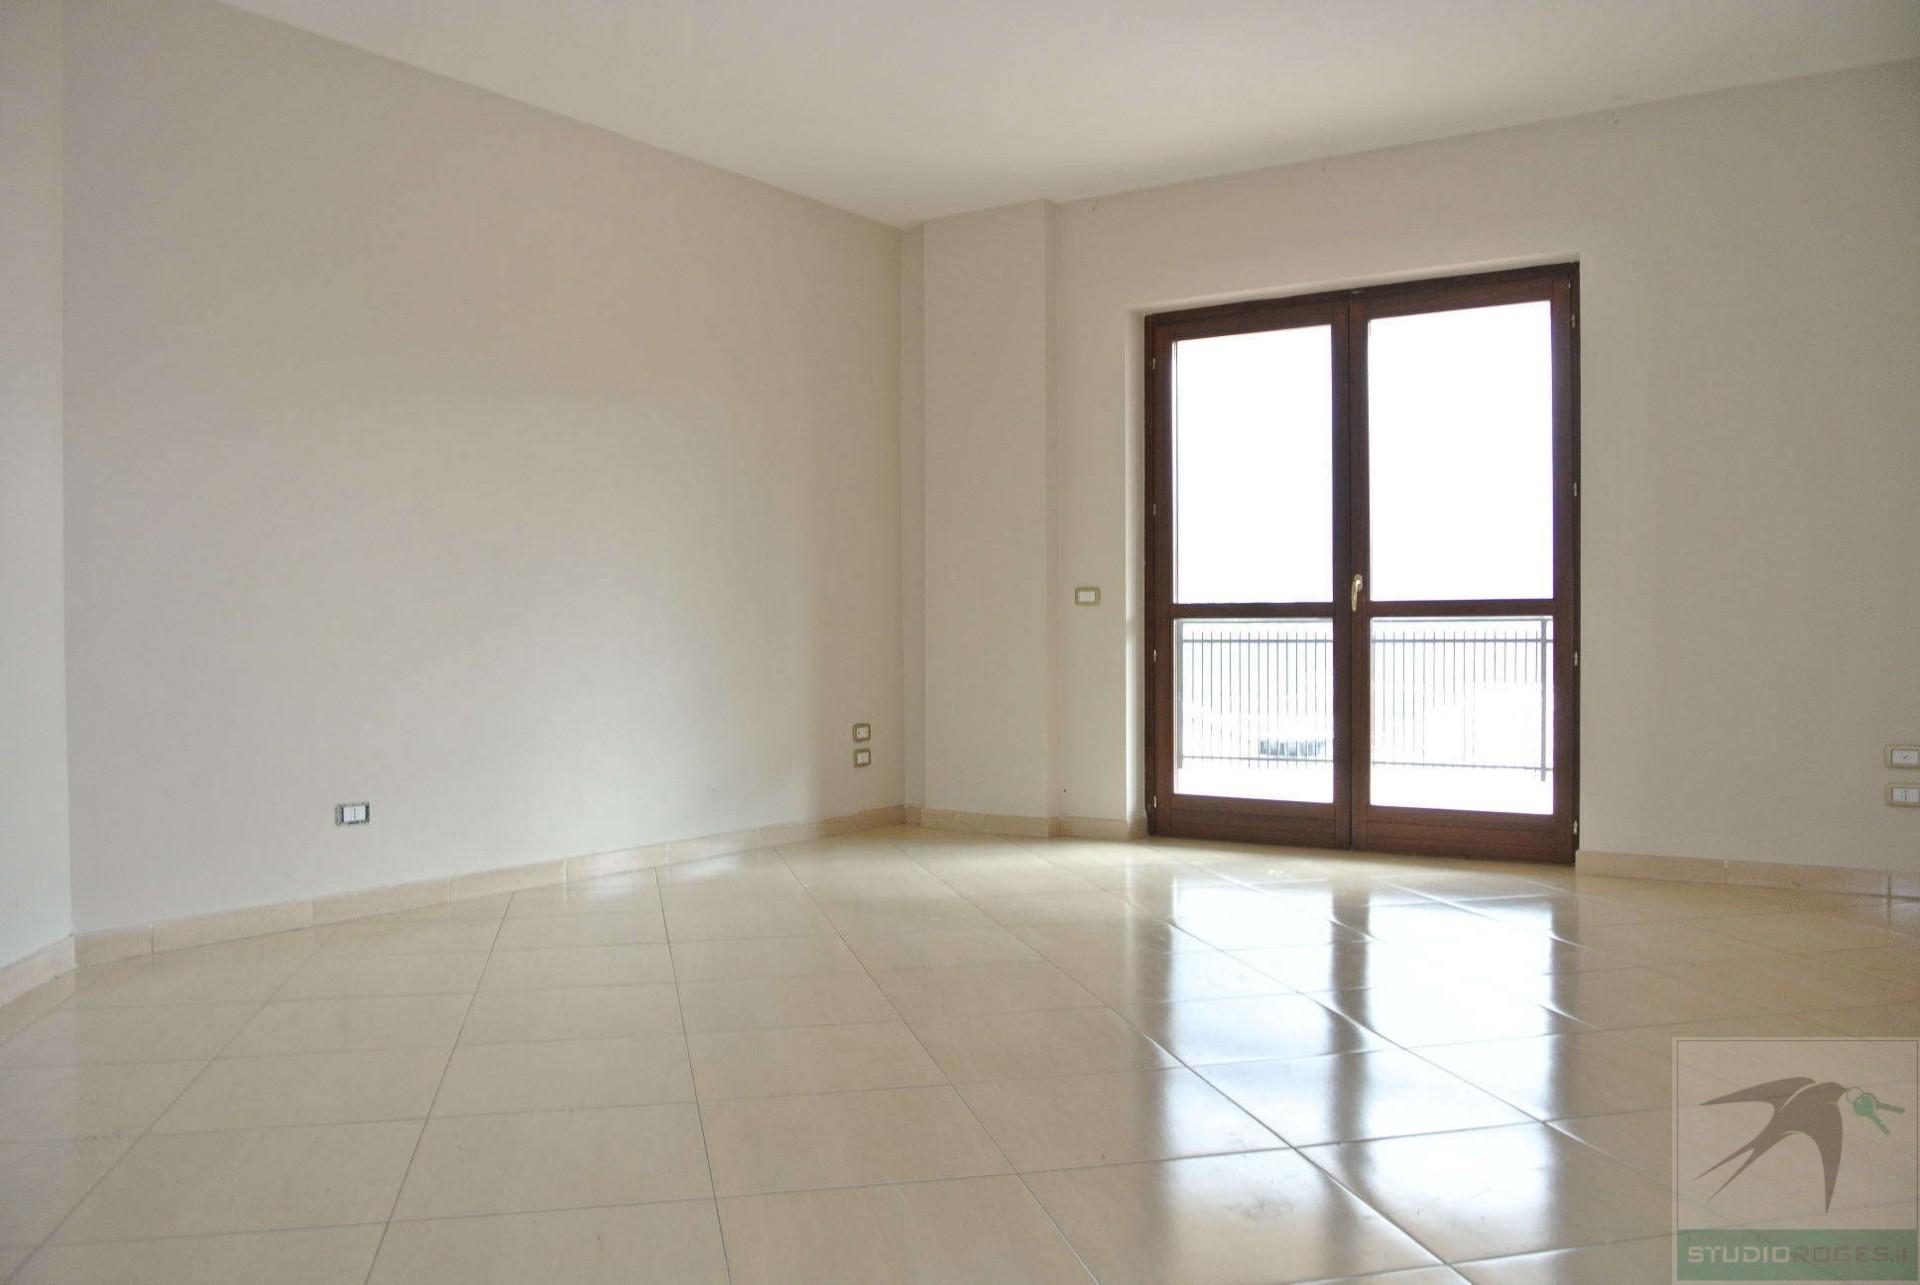 Appartamento in Affitto 128,76 mq - N. camere: 4 - - Cosenza - Cosenza (CS)